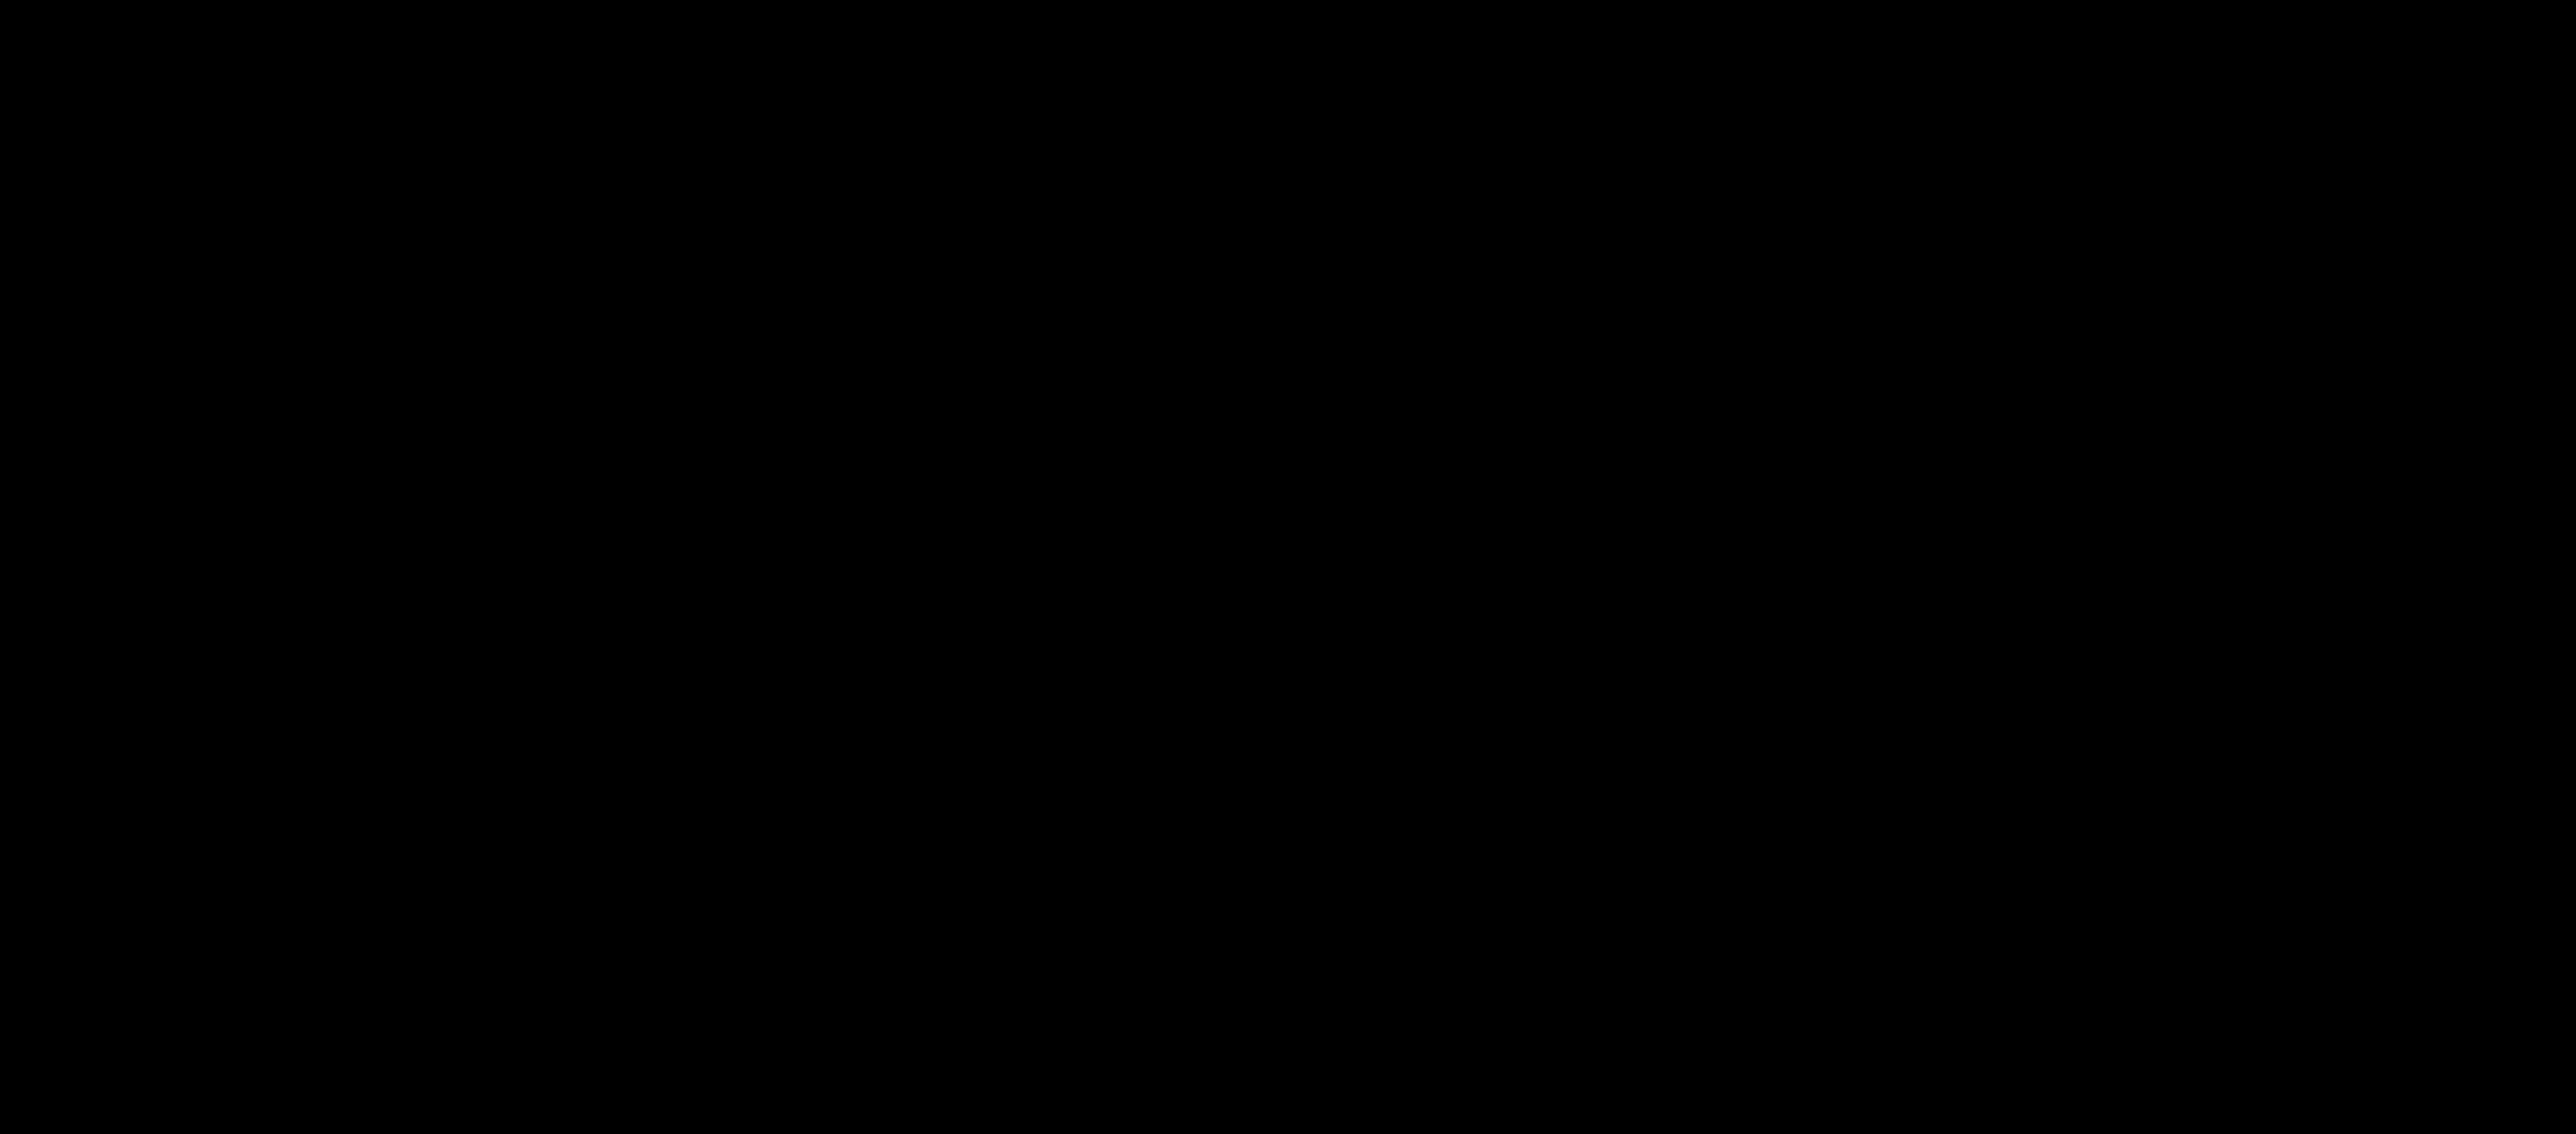 Voyager of the Seas завершил модернизацию стоимостью  97 млн.долл.